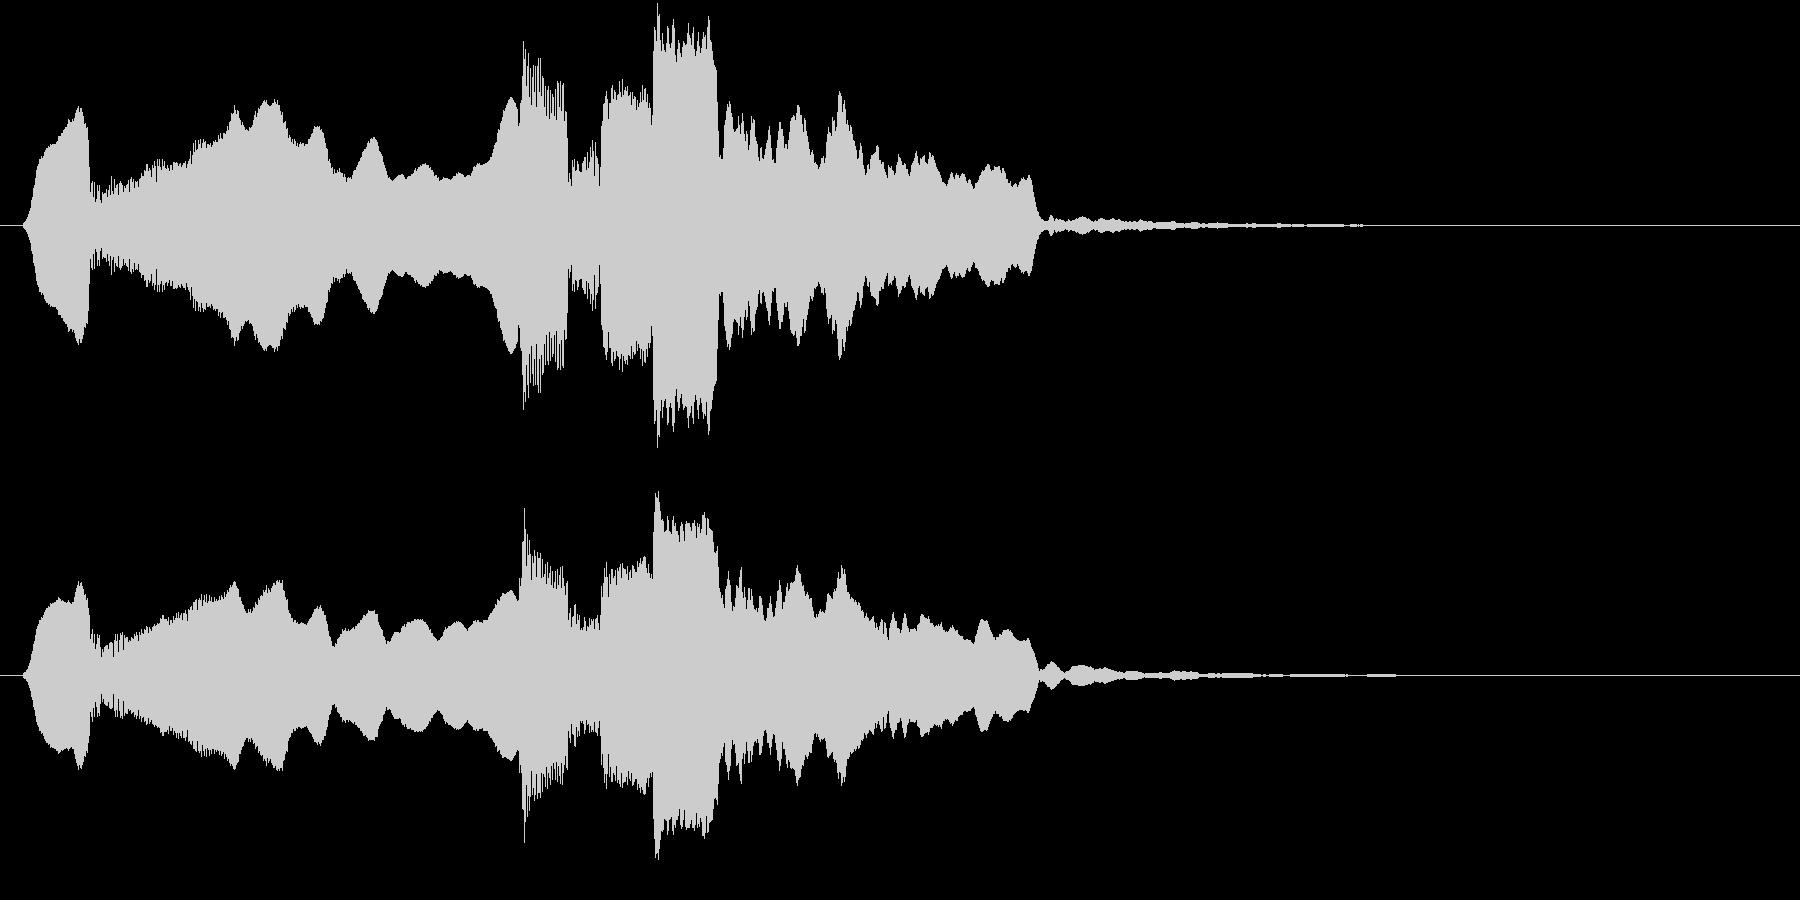 音侍SE「尺八フレーズ1」エニグマ音16の未再生の波形